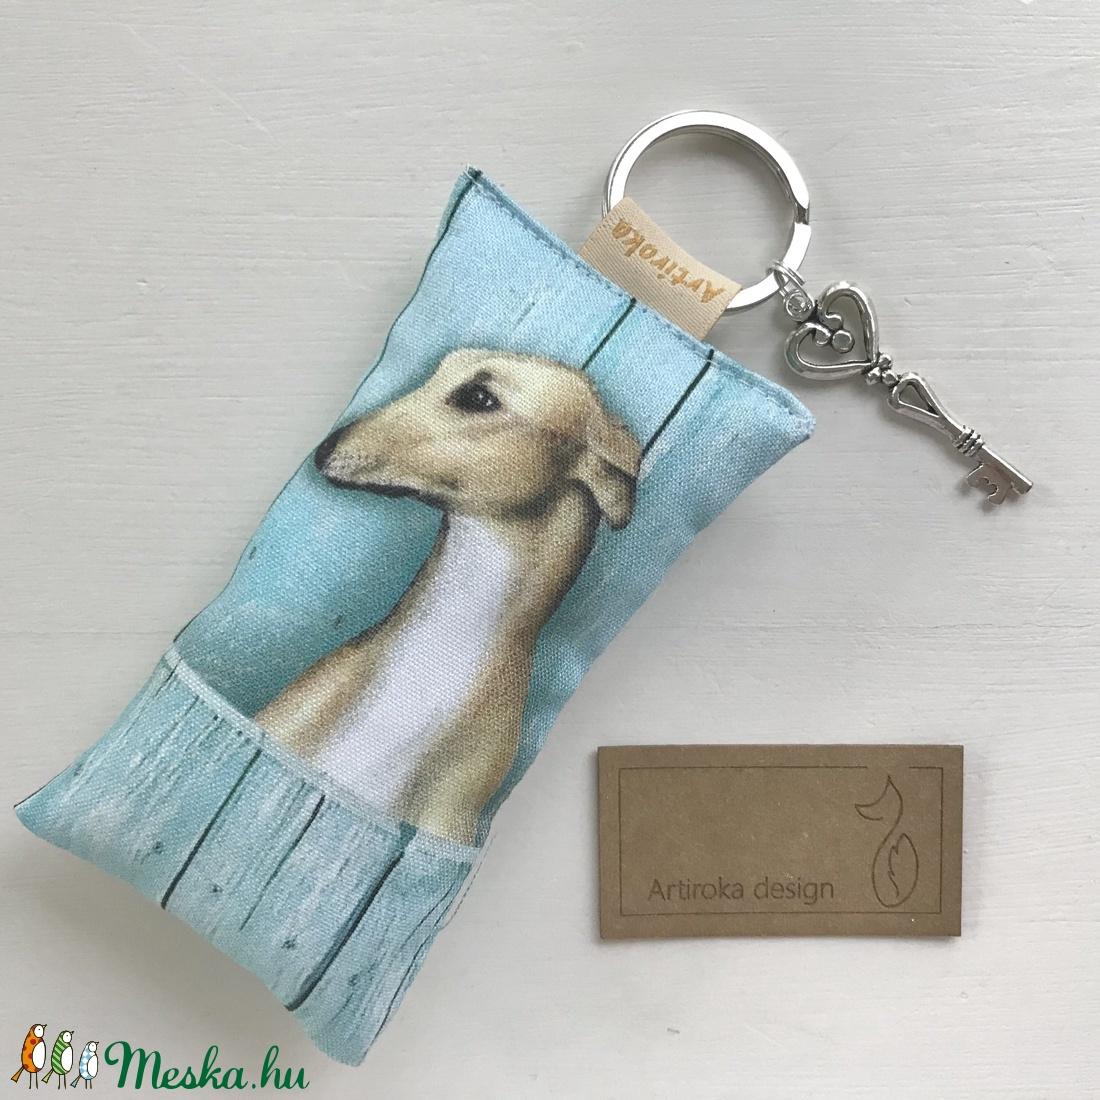 Agár kutya mintás kulcstartó, kis vintage kulccsal   - Artiroka design - táska & tok - kulcstartó & táskadísz - kulcstartó - Meska.hu